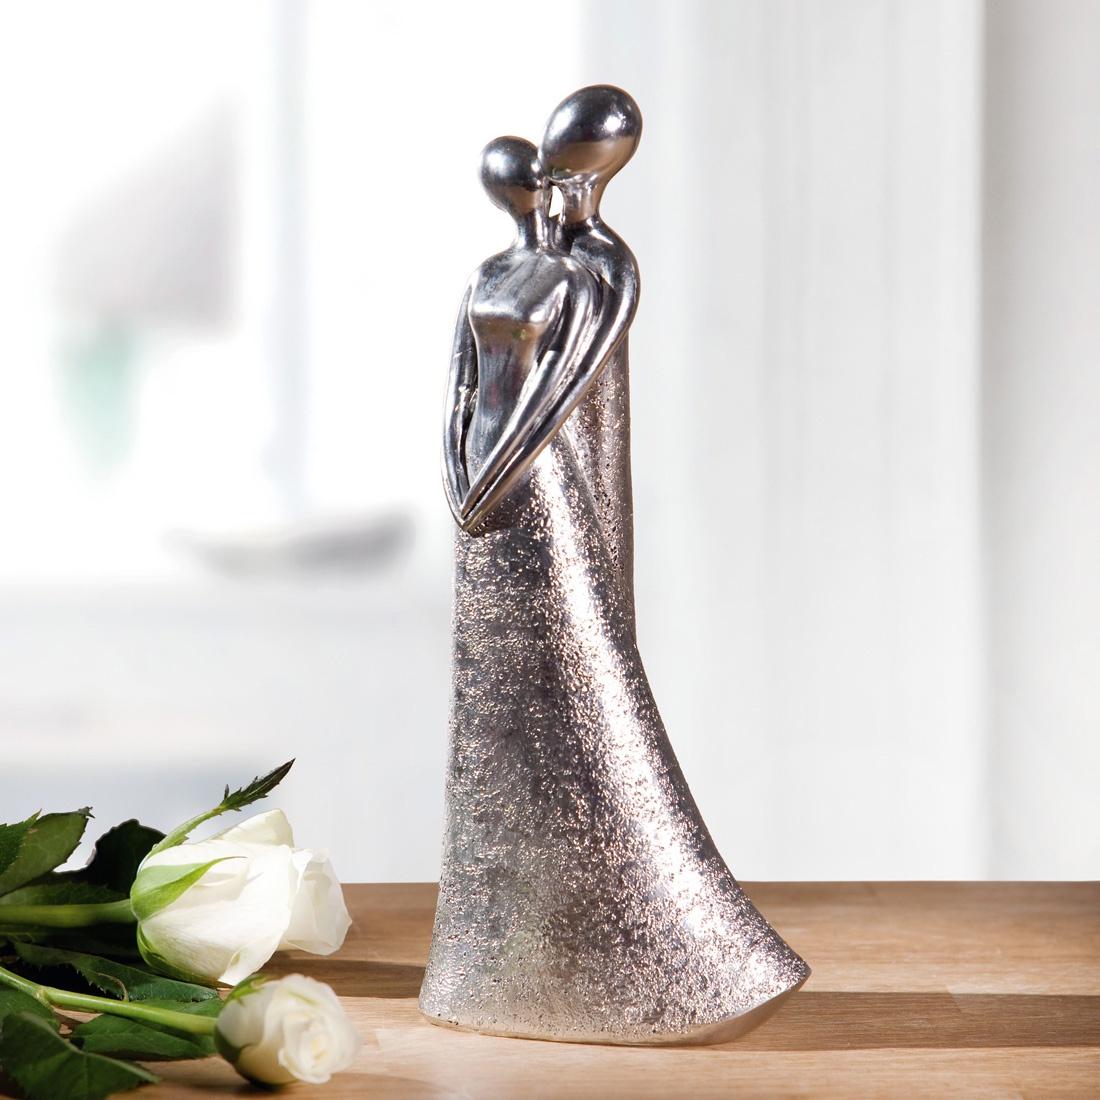 цена на Фигура Хит-декор Влюбленные, высота 25 см